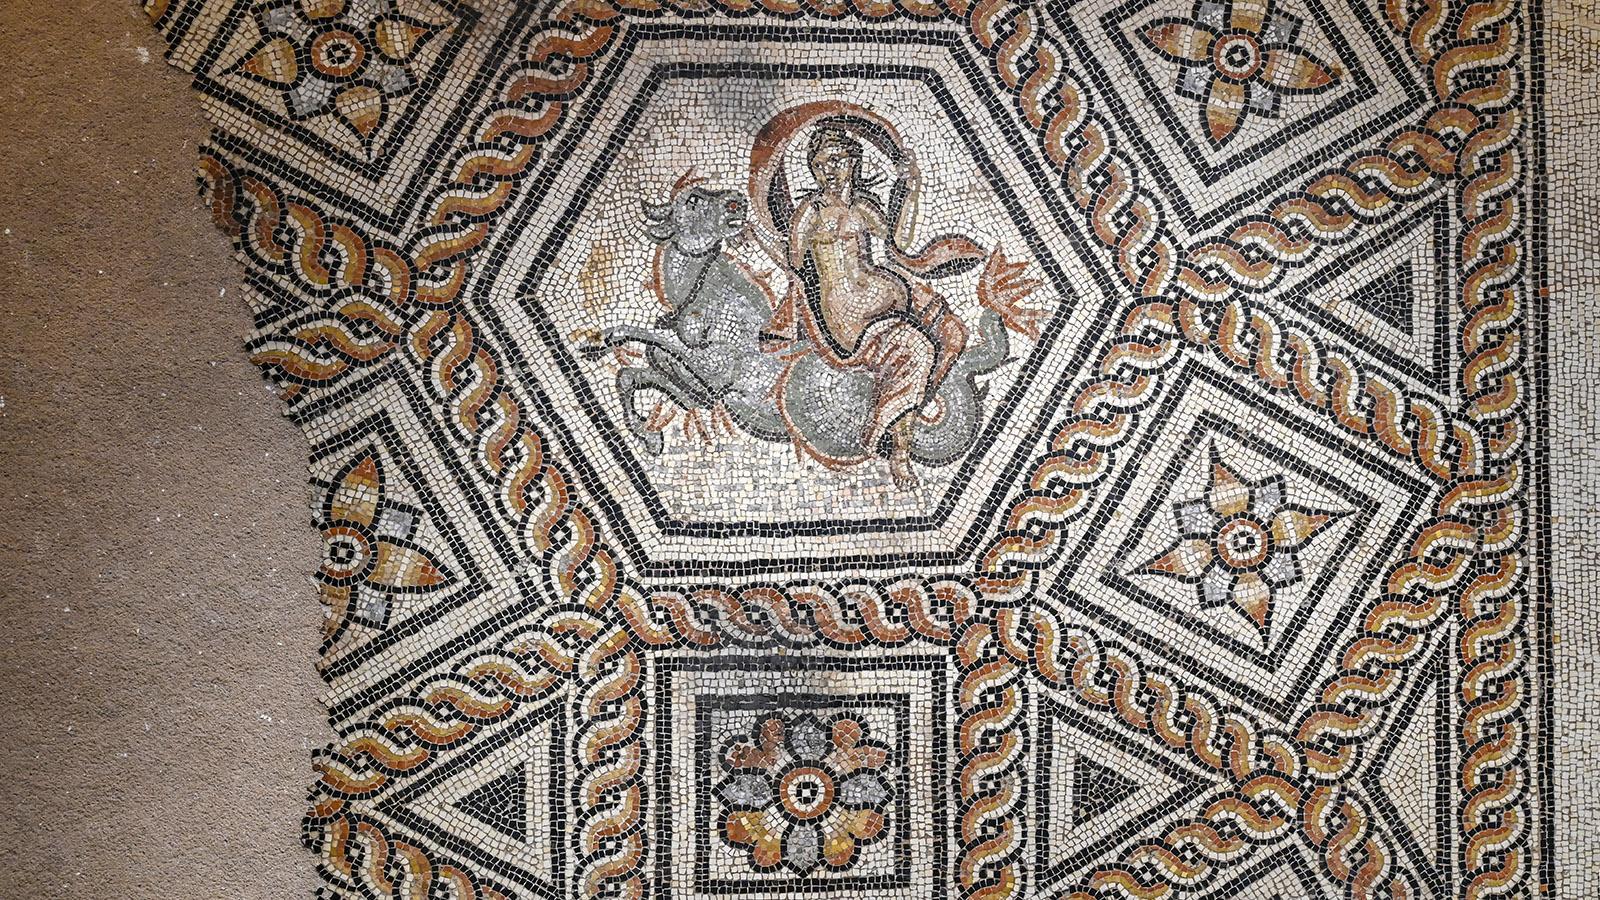 Nîmes: Musée de la Romanité, Mosaik. Foto: Hilke Maunder